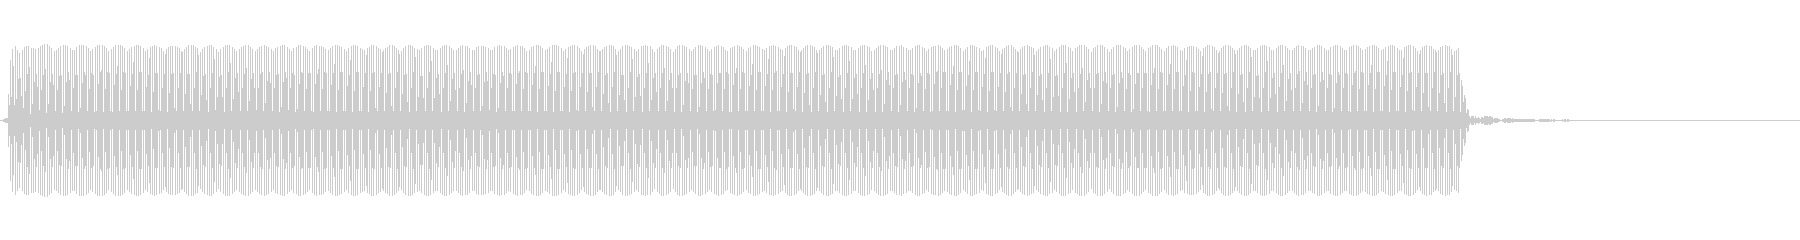 コンピューターのビープ音。ビープ音...の未再生の波形